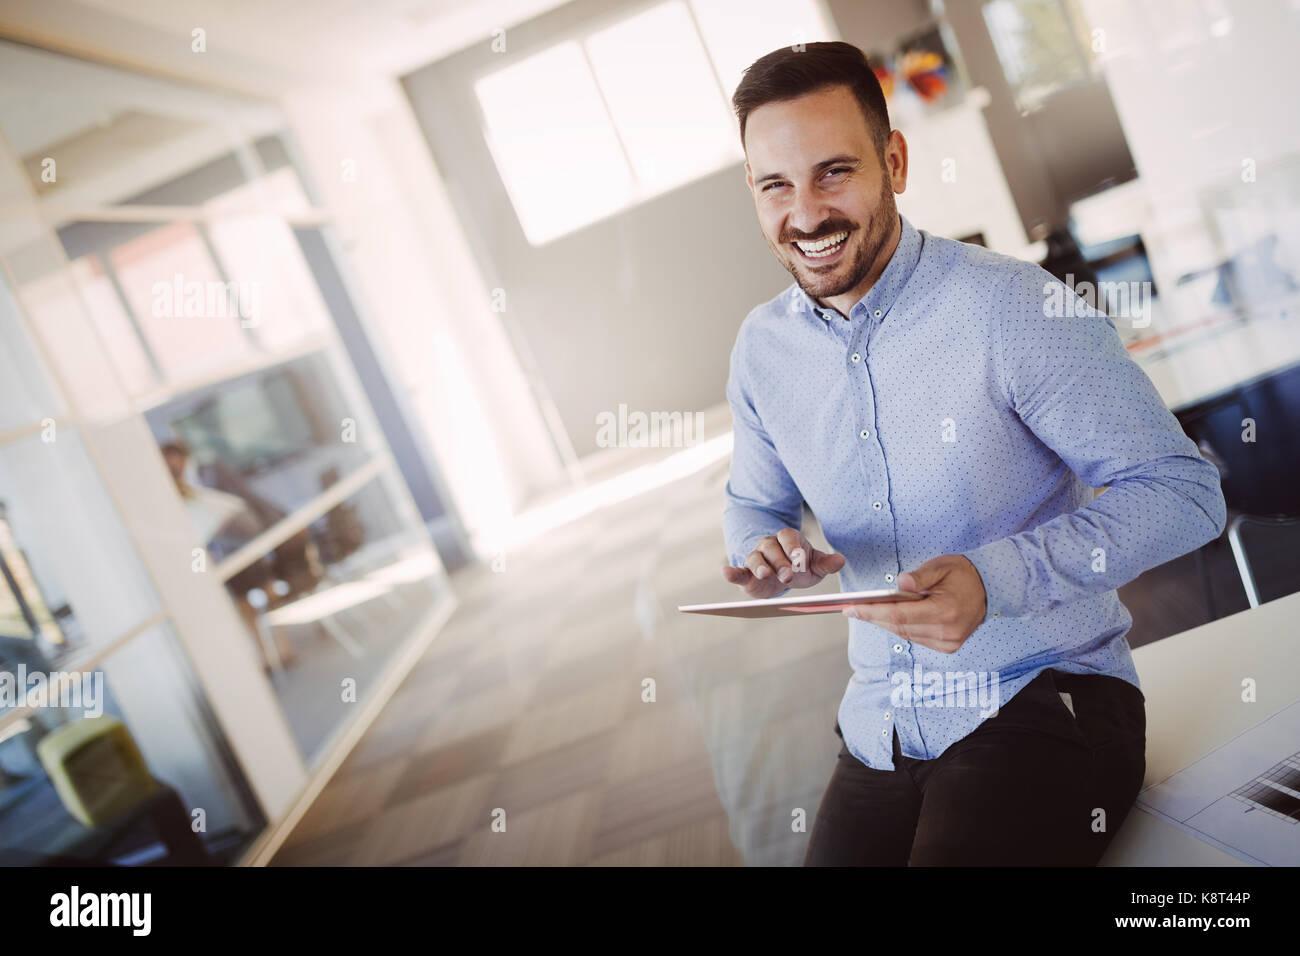 Portrait von Stattlichen erfolgreichen Architekten holding Tablet Stockbild